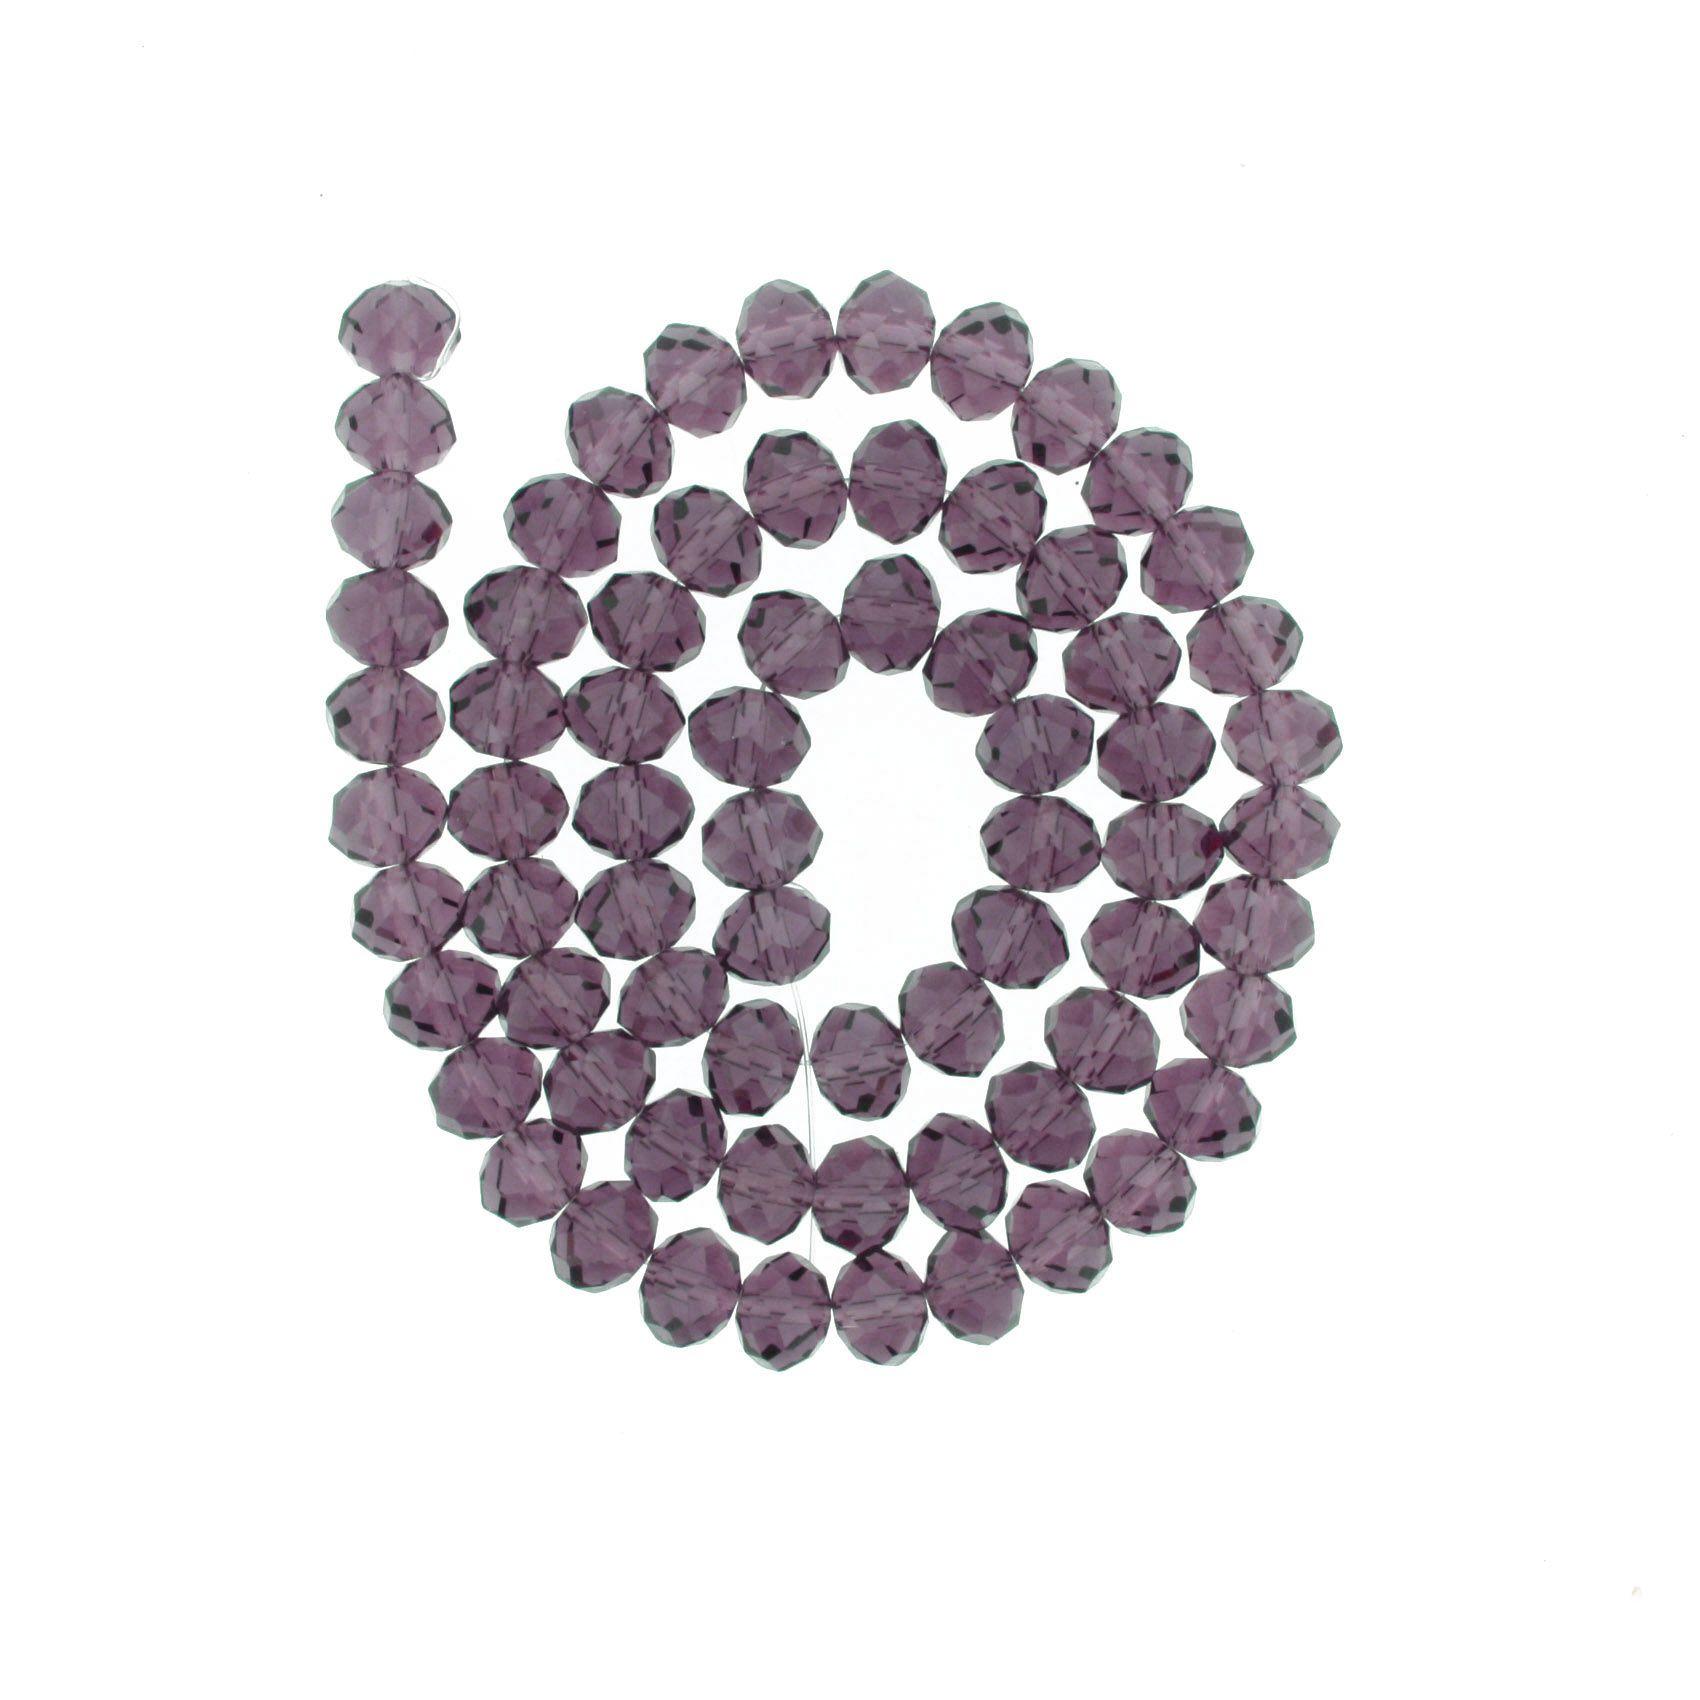 Fio de Cristal - Flat® - Roxo Transparente - 10mm  - Stéphanie Bijoux® - Peças para Bijuterias e Artesanato